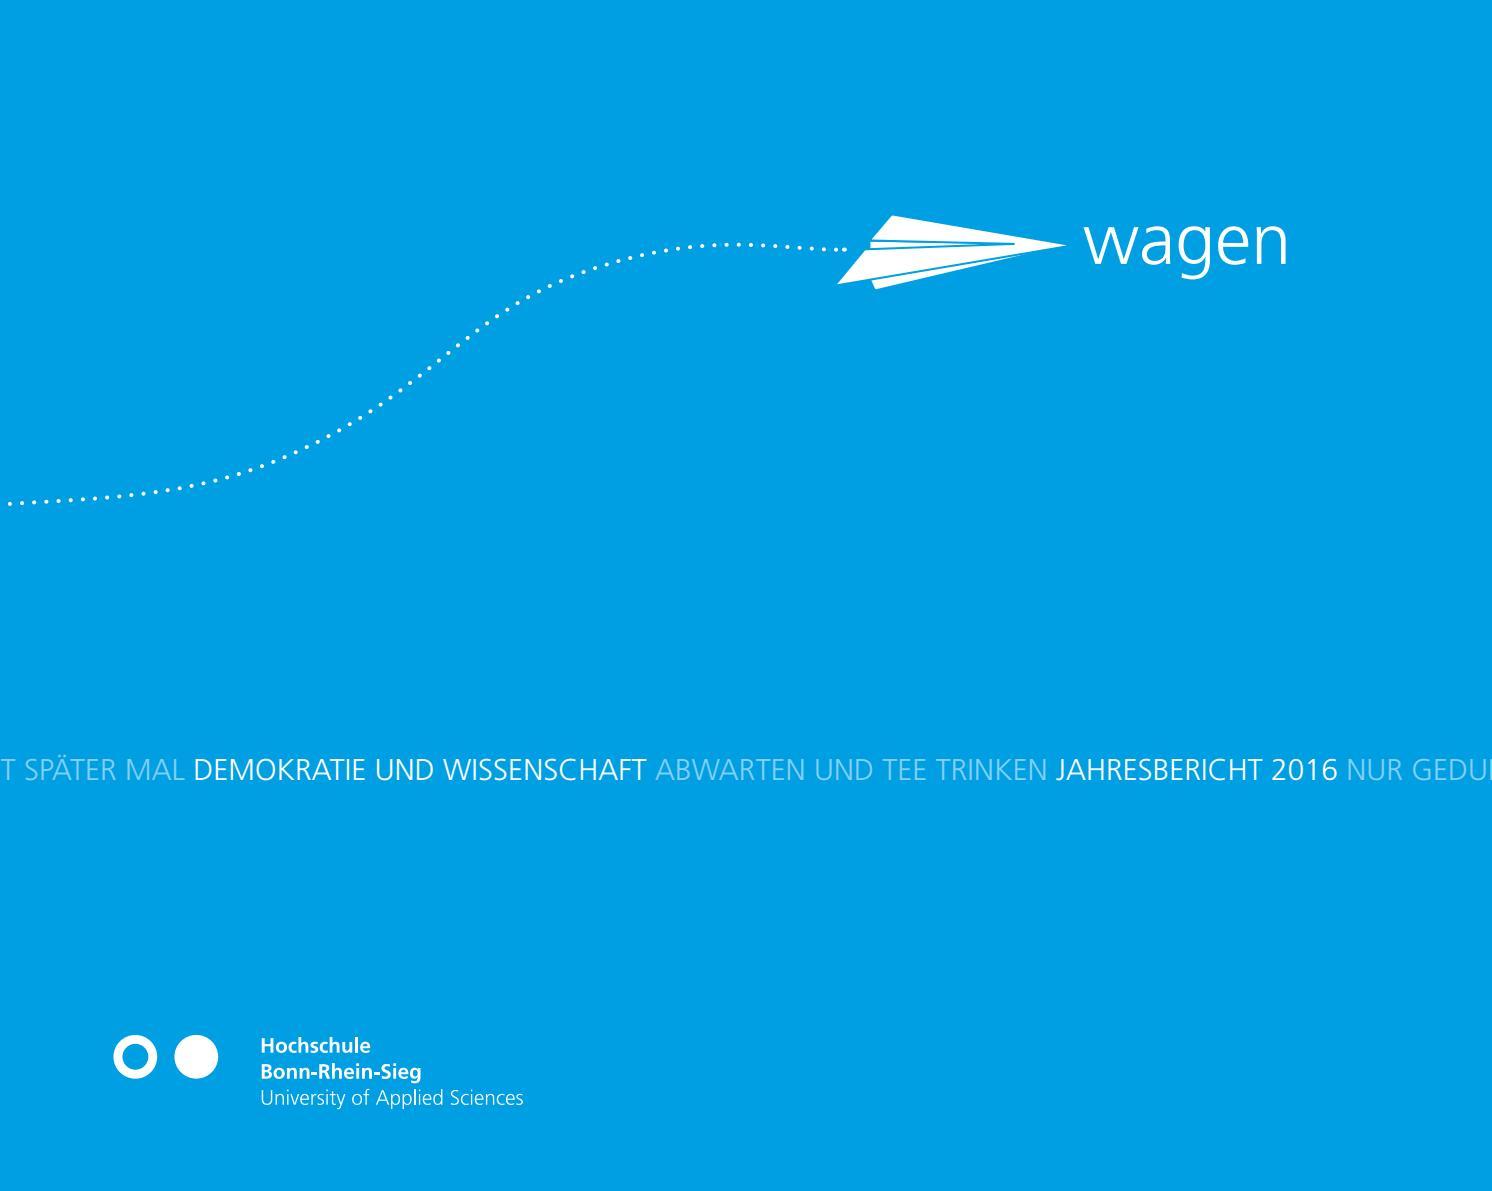 """""""wagen - Demokratie und Wissenschaft"""", Jahresbericht 2016 der Hochschule  Bonn-Rhein-Sieg by Hochschule Bonn-Rhein-Sieg - issuu"""